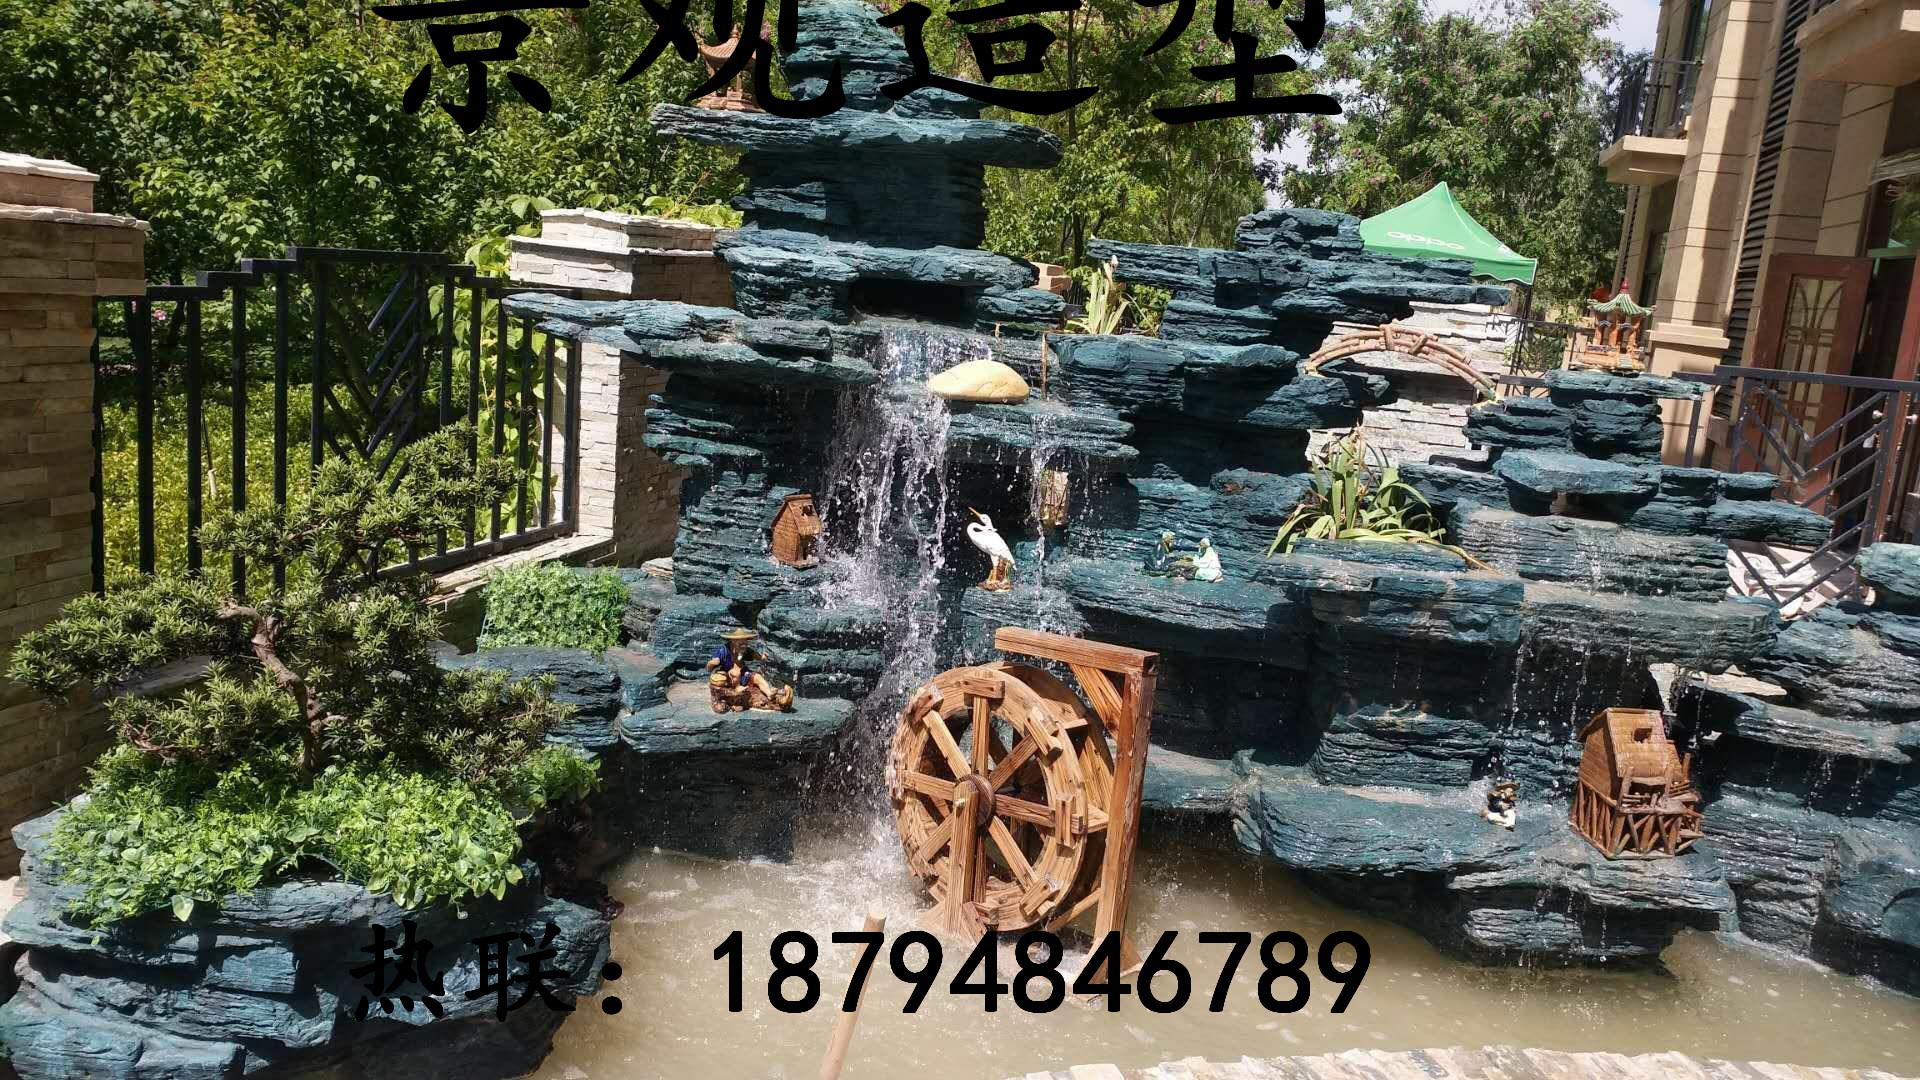 甘肃假山、生态园、 假山 景观造型 仿树 浮雕 景观造型. 景观造型1 景观仿树 景观工程2